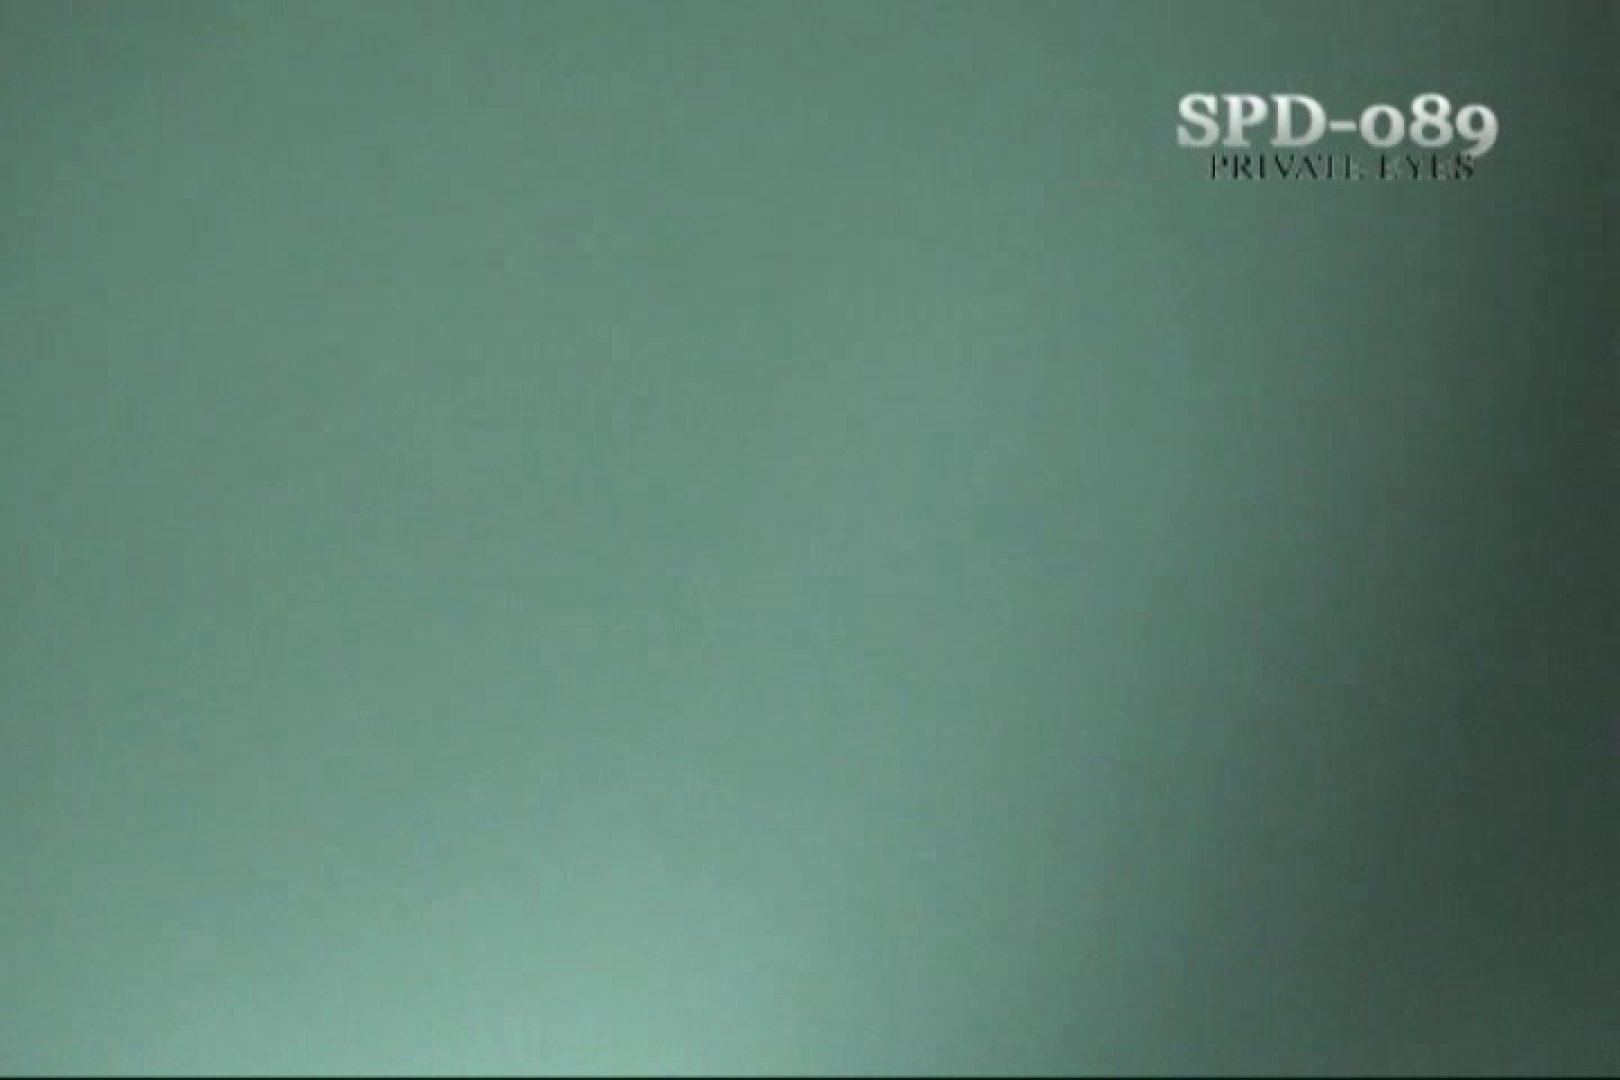 高画質版!SPD-089 厠の隙間 4 プライベート SEX無修正画像 68連発 22